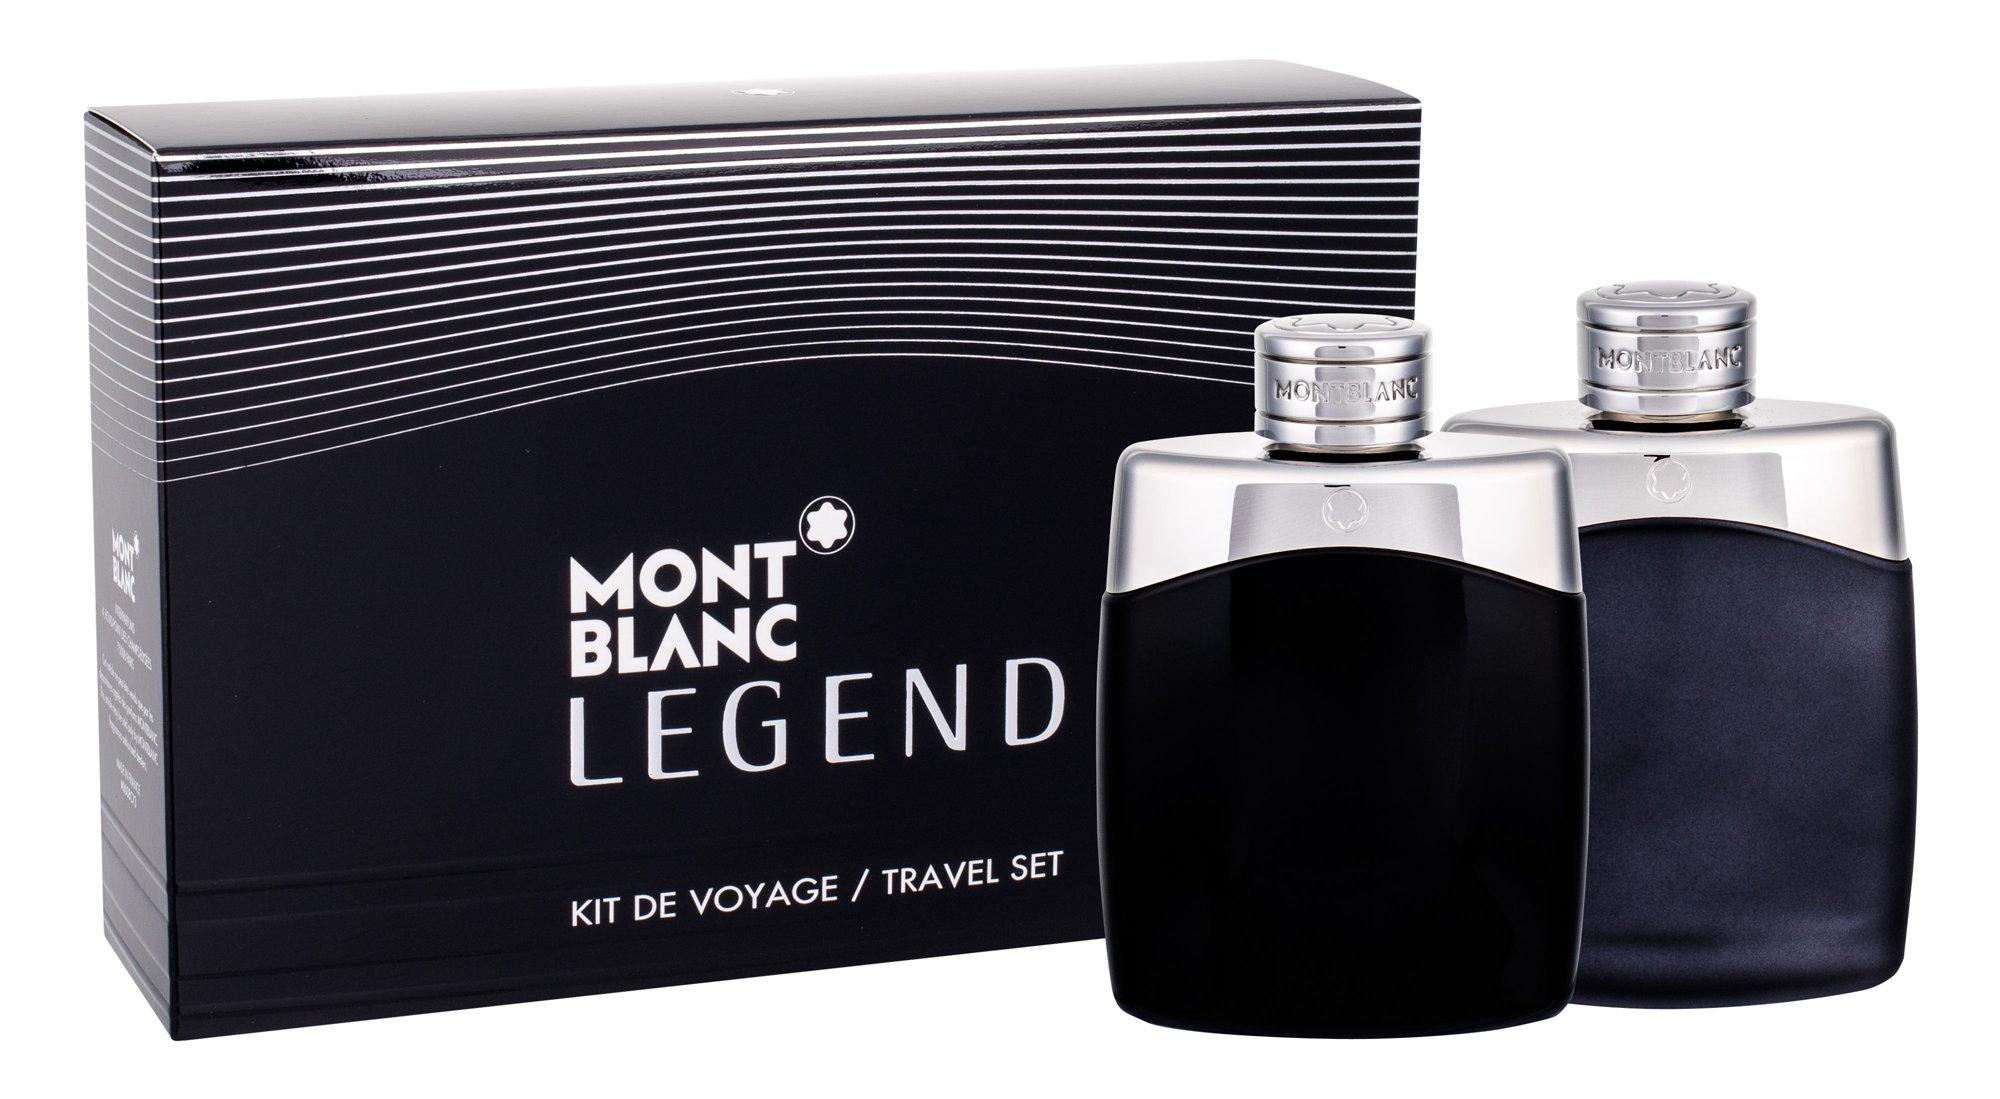 Montblanc Legend EDT 100ml